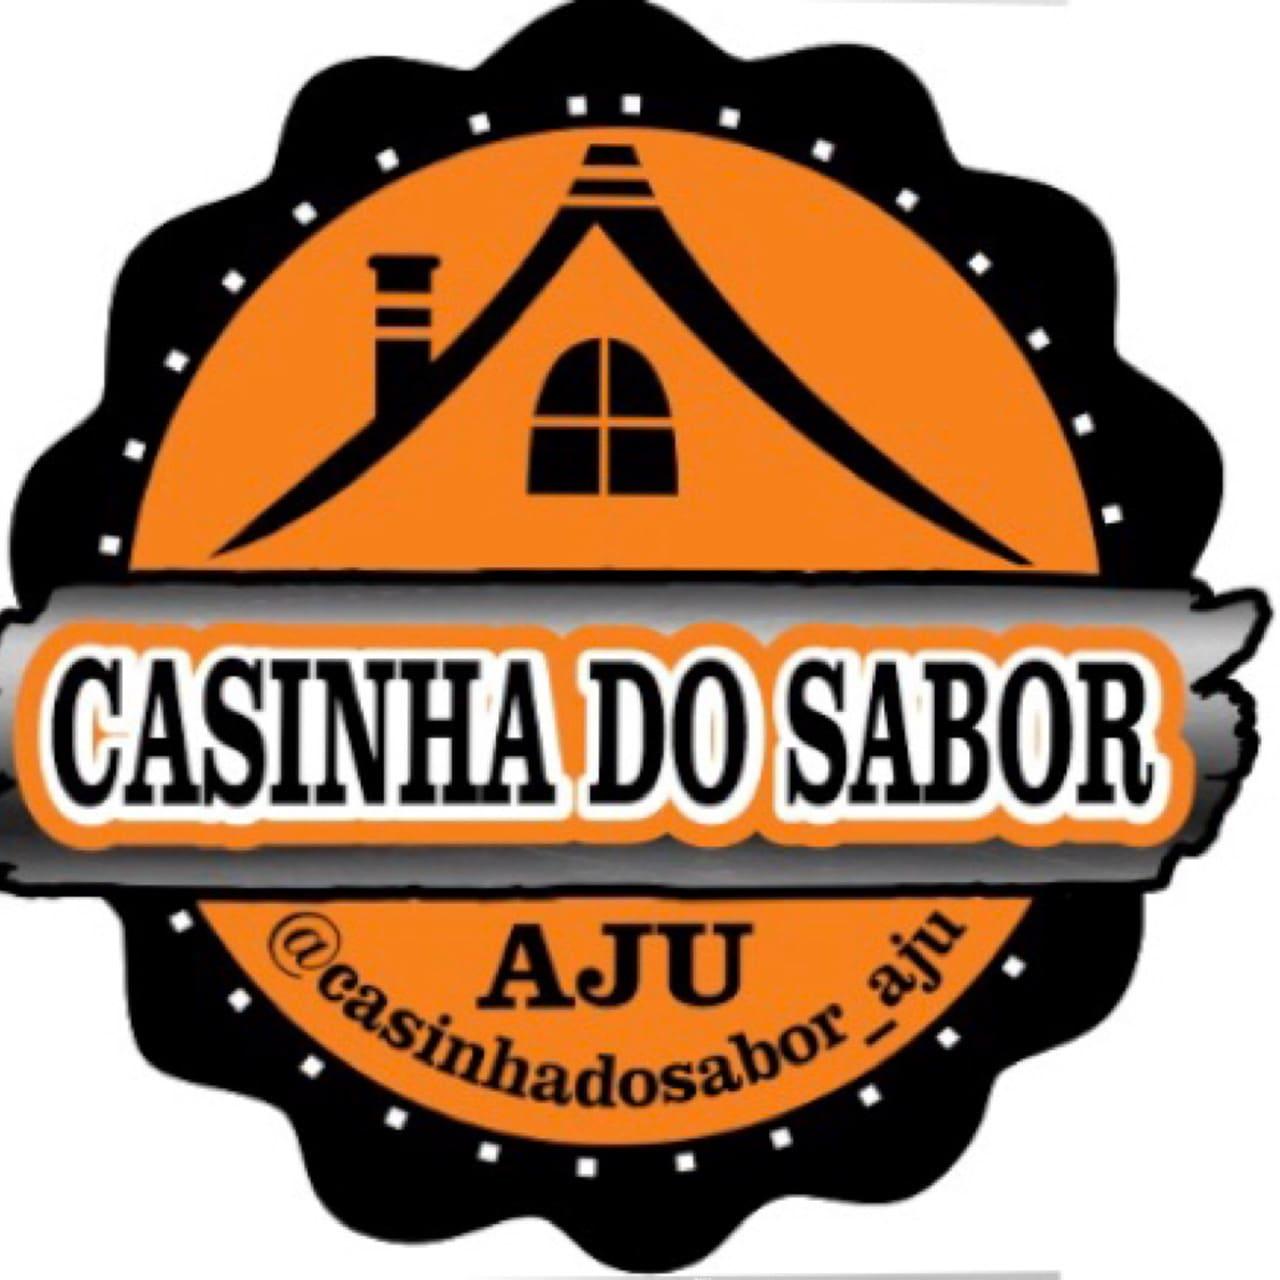 Casinha do Sabor Aju